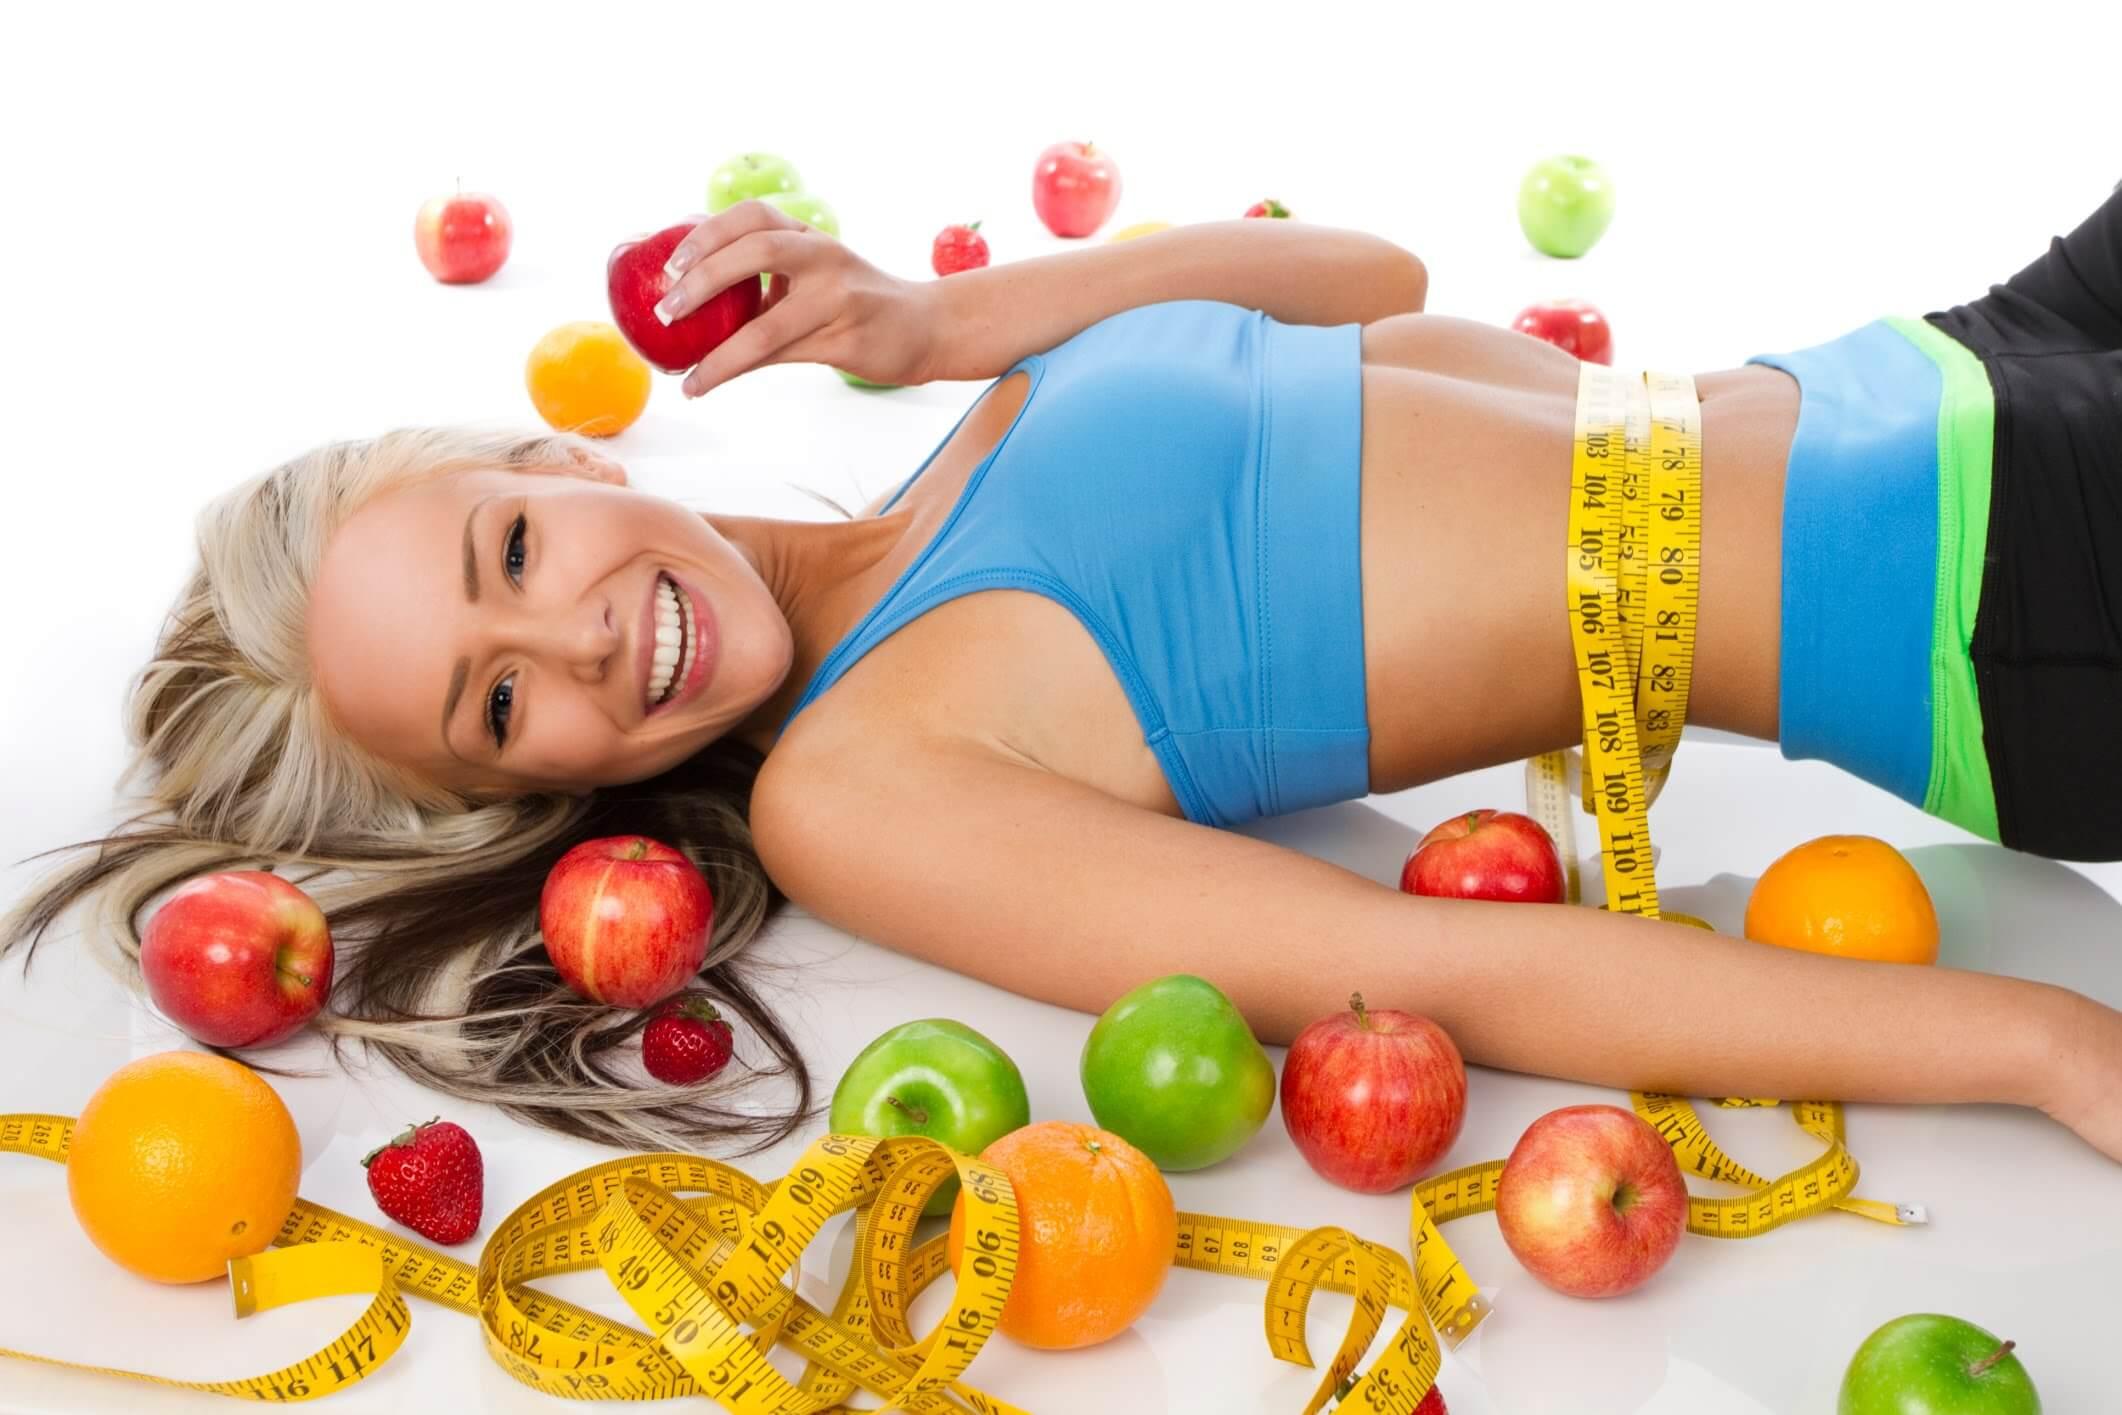 правильное питание для похудения видео смотреть онлайн